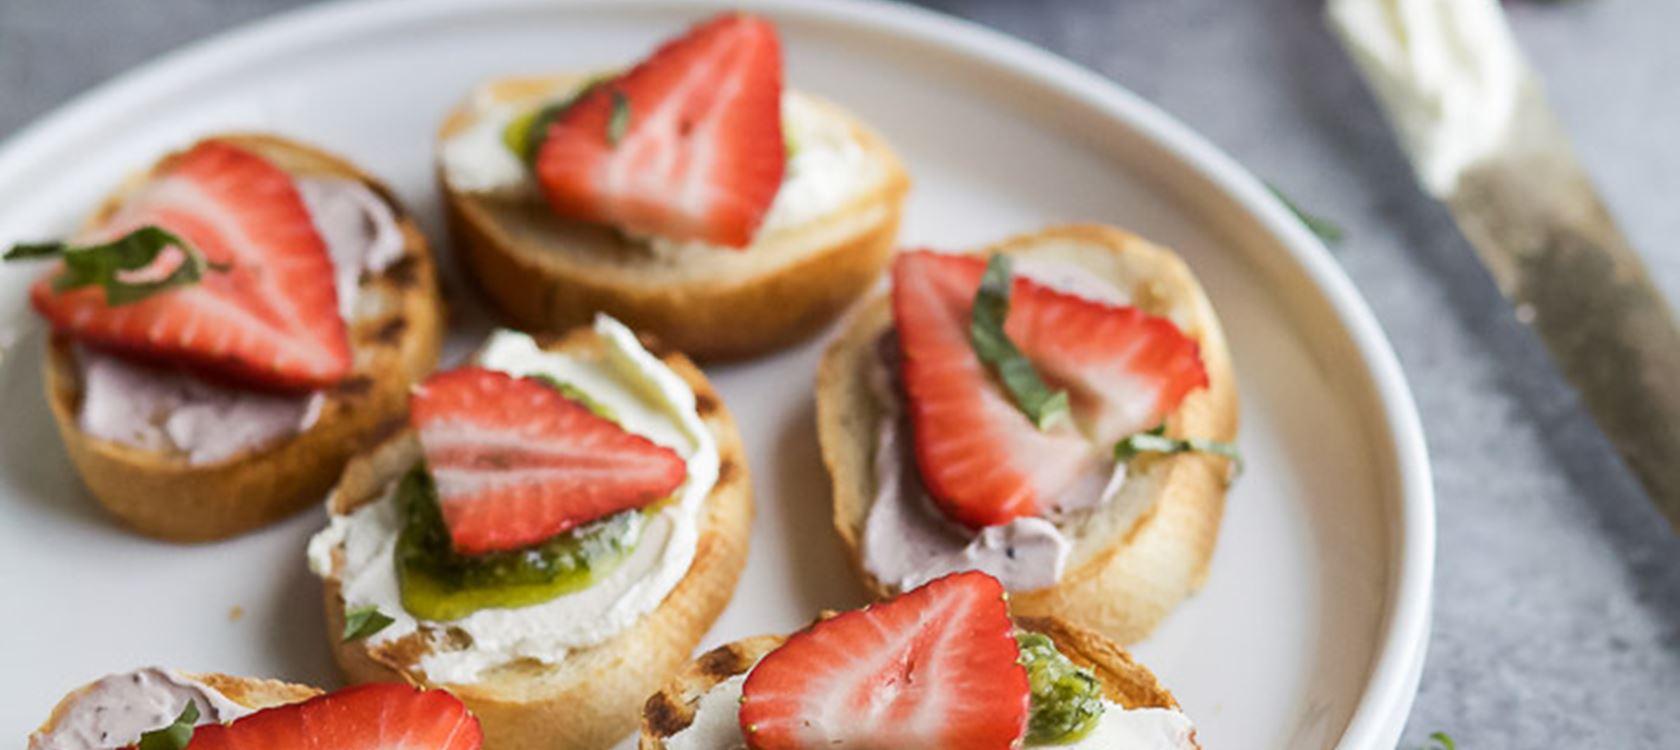 Pesto Cream Cheese Strawberry Bruschetta Bites